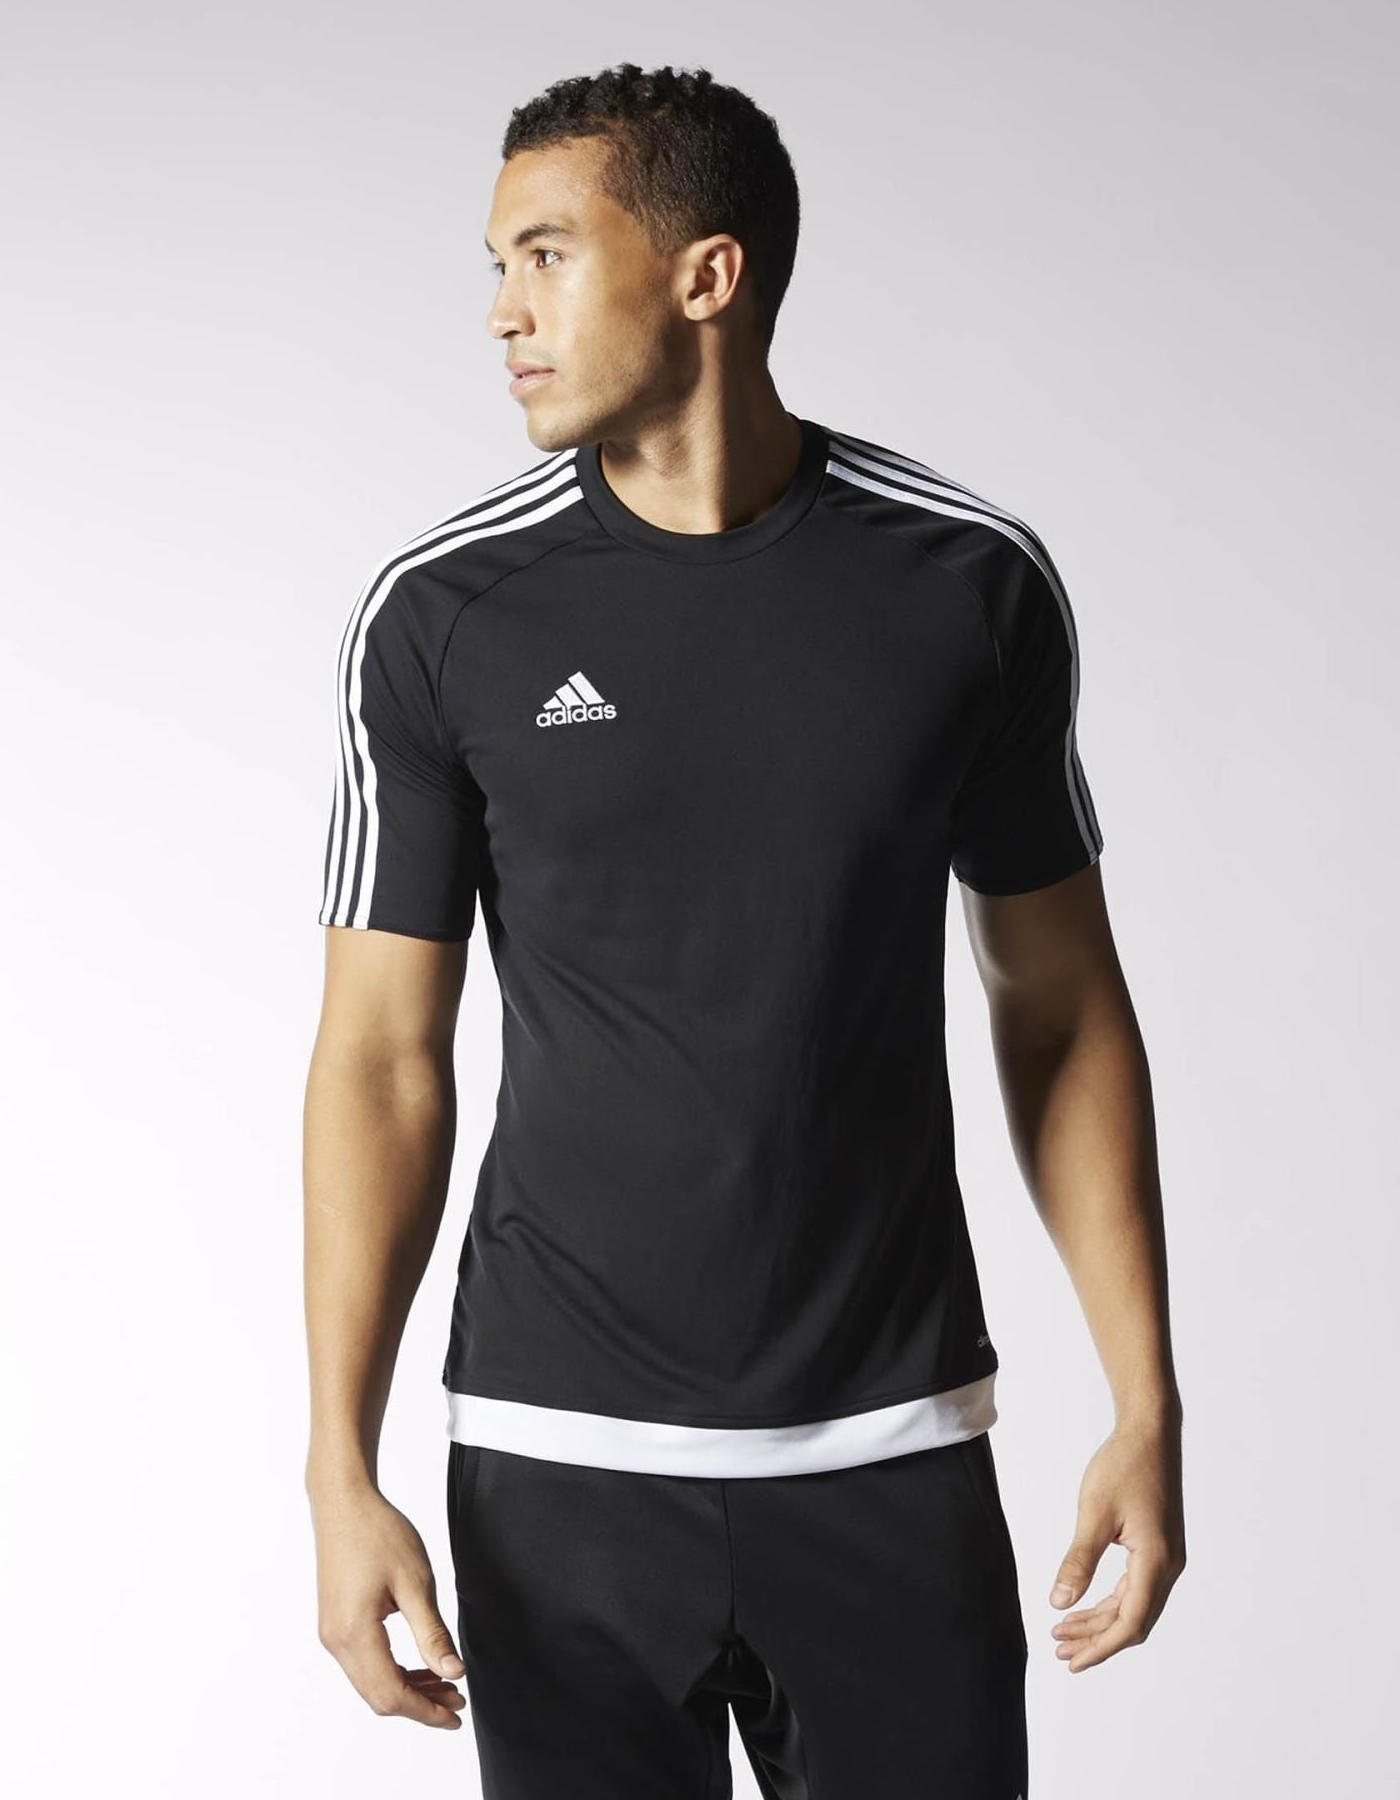 herren trainings shirt adidas